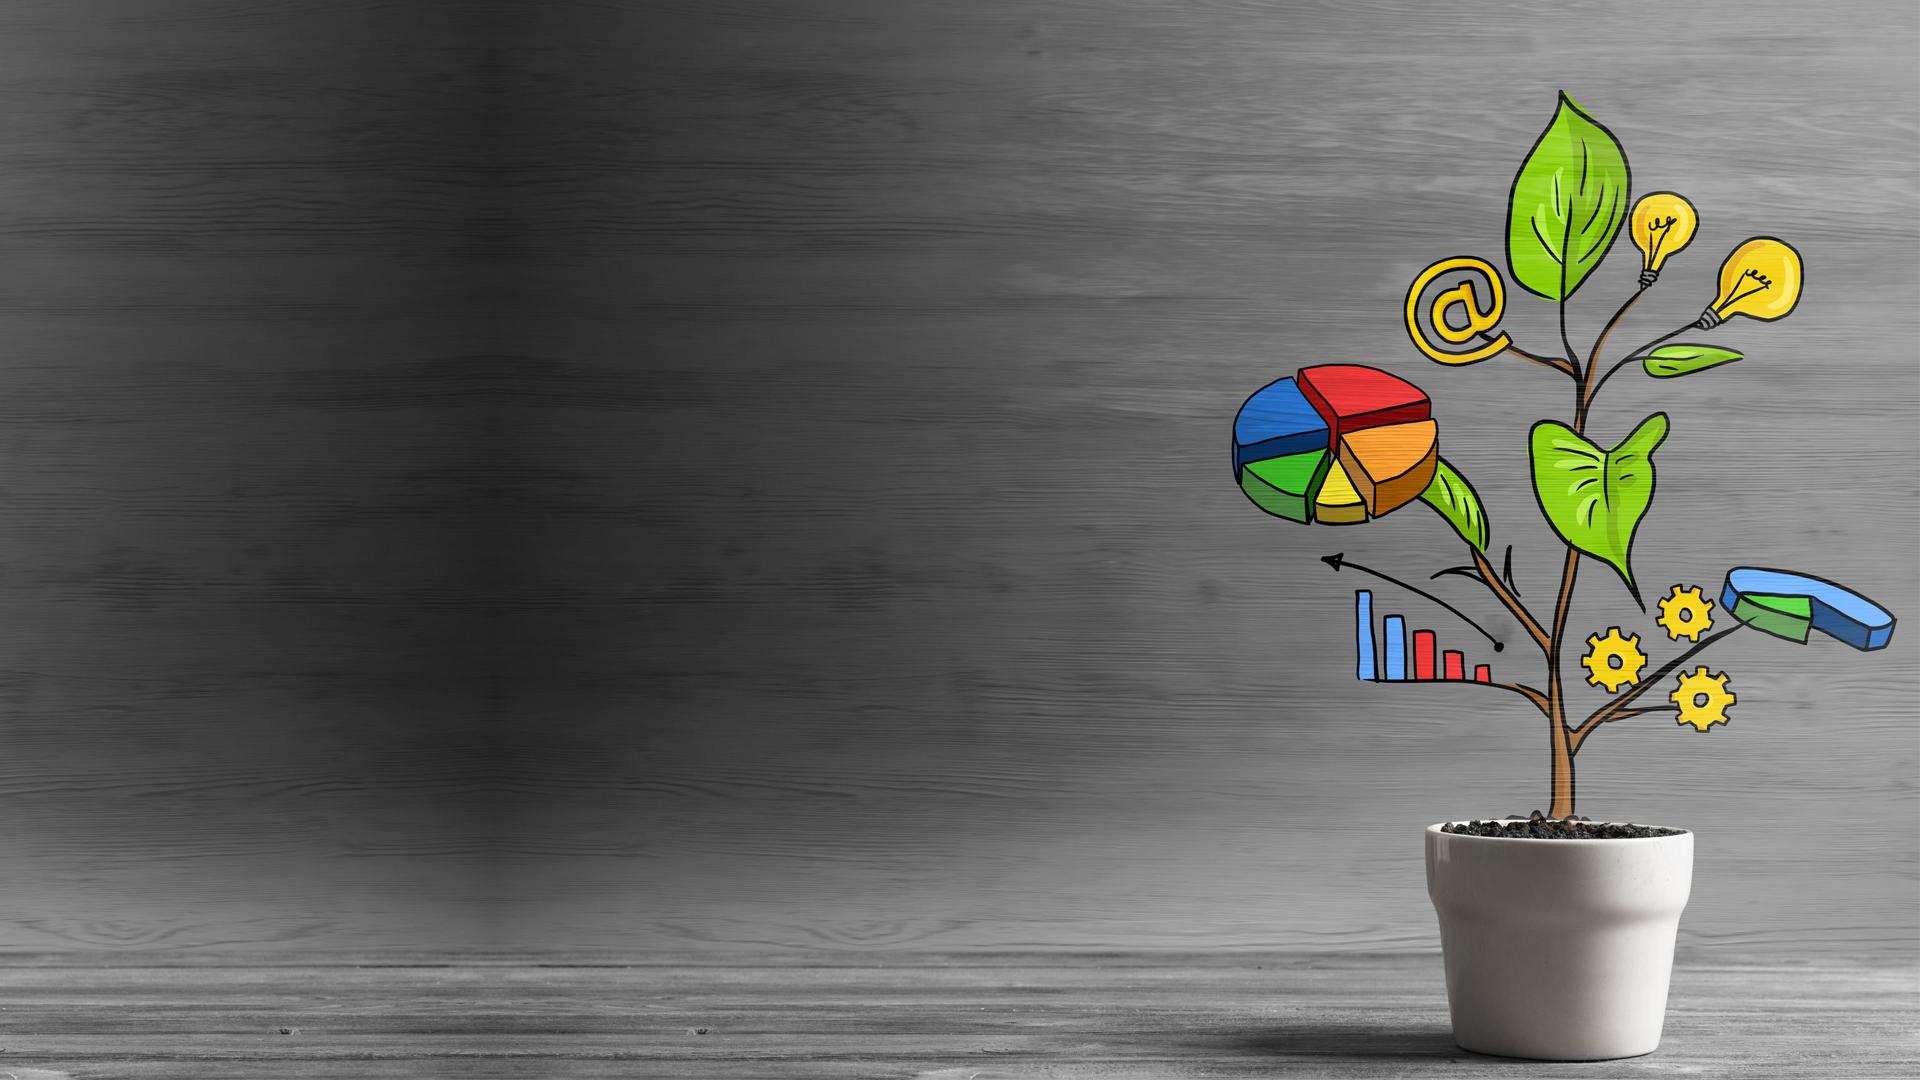 Leggere i dati e comprenderne l'essenza: i Financial Reports di BPA